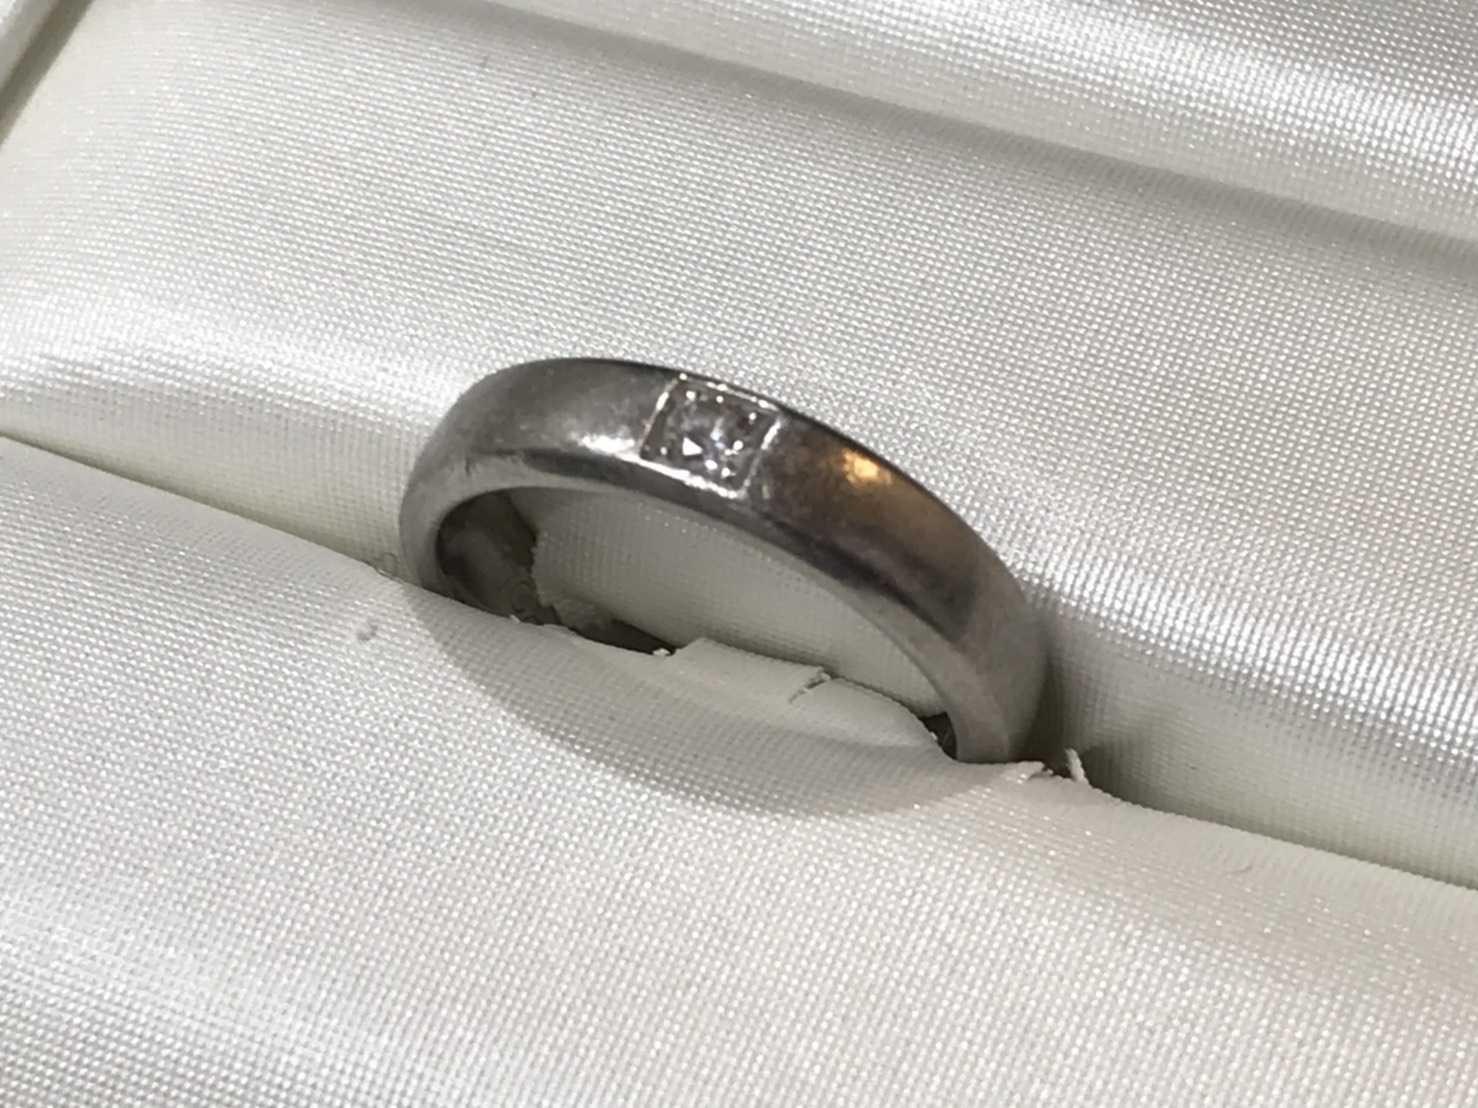 ヴァンクリーフ&アーペル買取 ダイヤリング